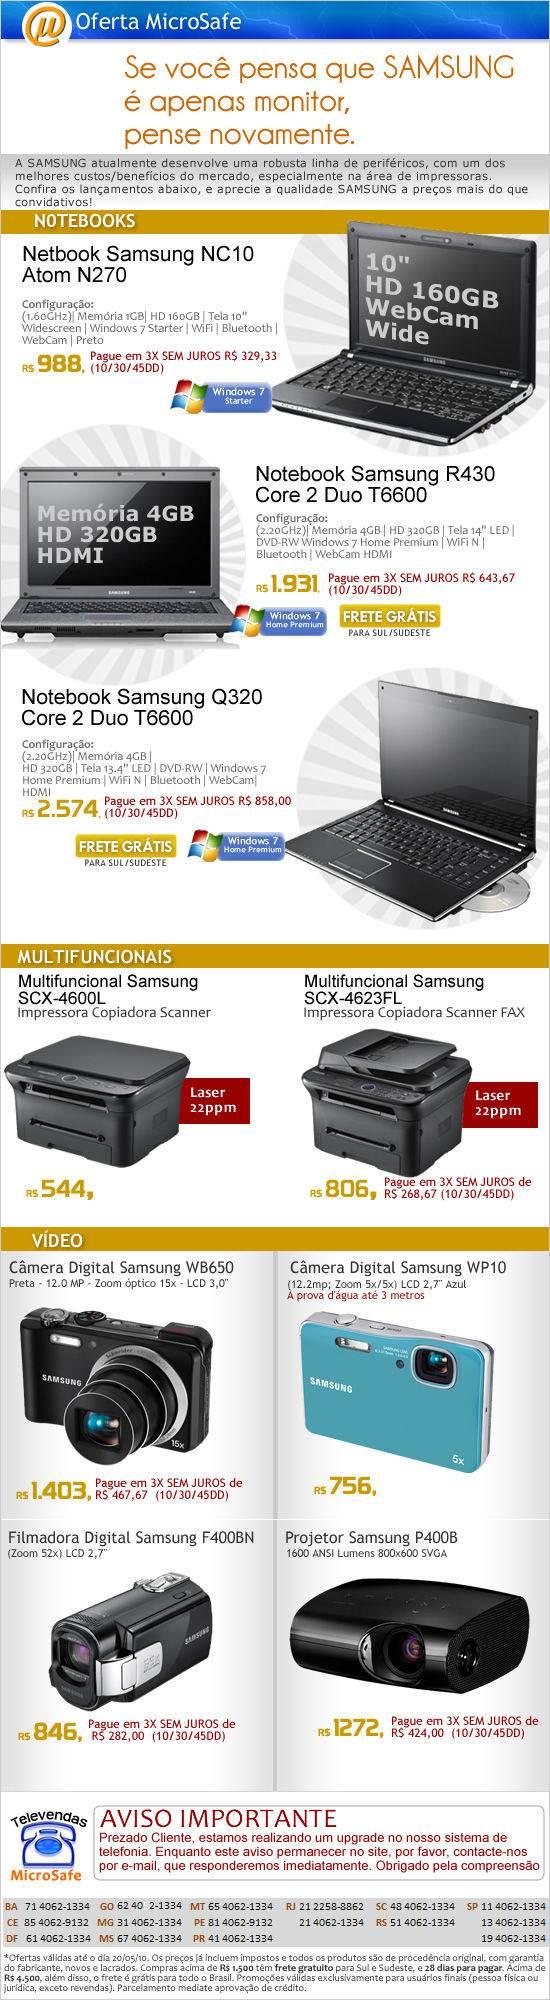 Lançamentos Samsung na MicroSafe!